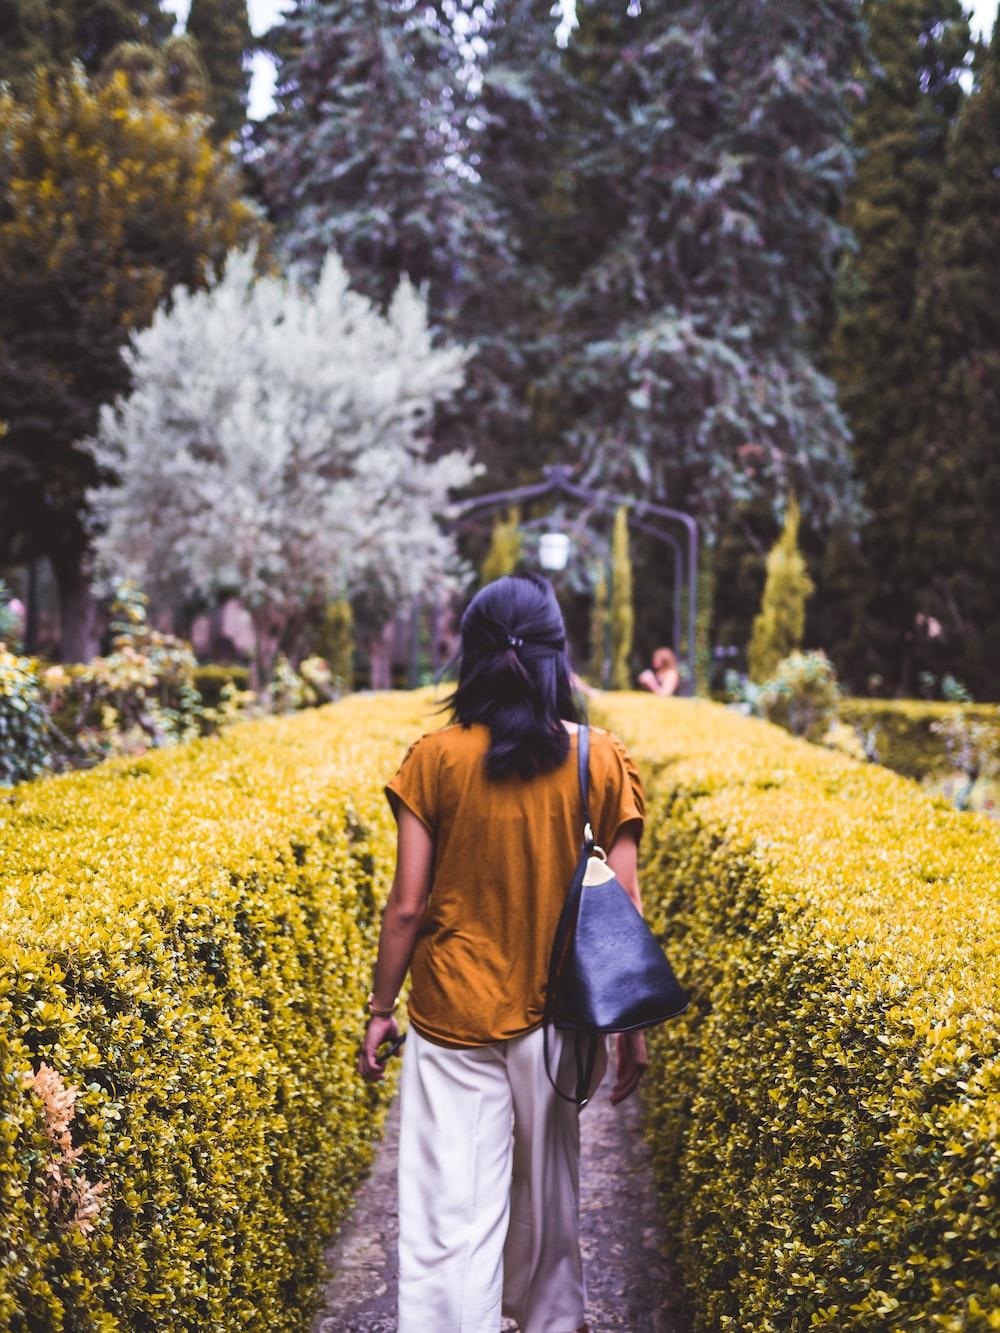 woman walking between green bushes during daytime